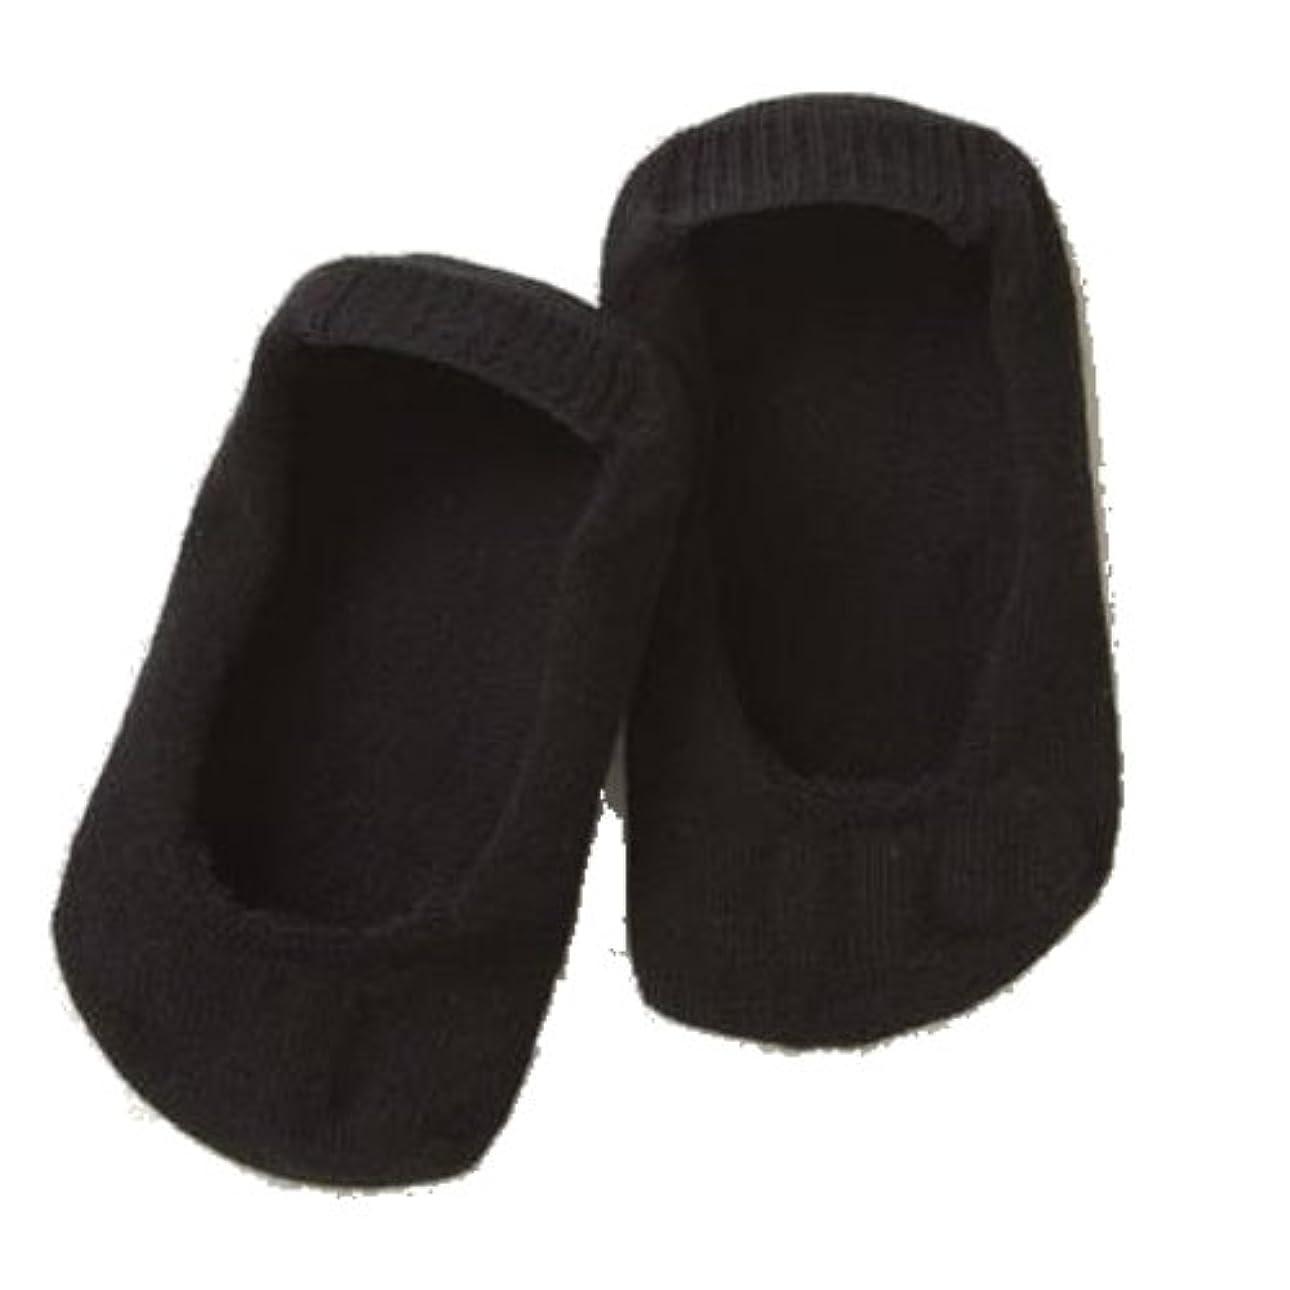 ベリ買い手熱帯の足指すっきり内側5本指フットカバー 1足組 ブラック